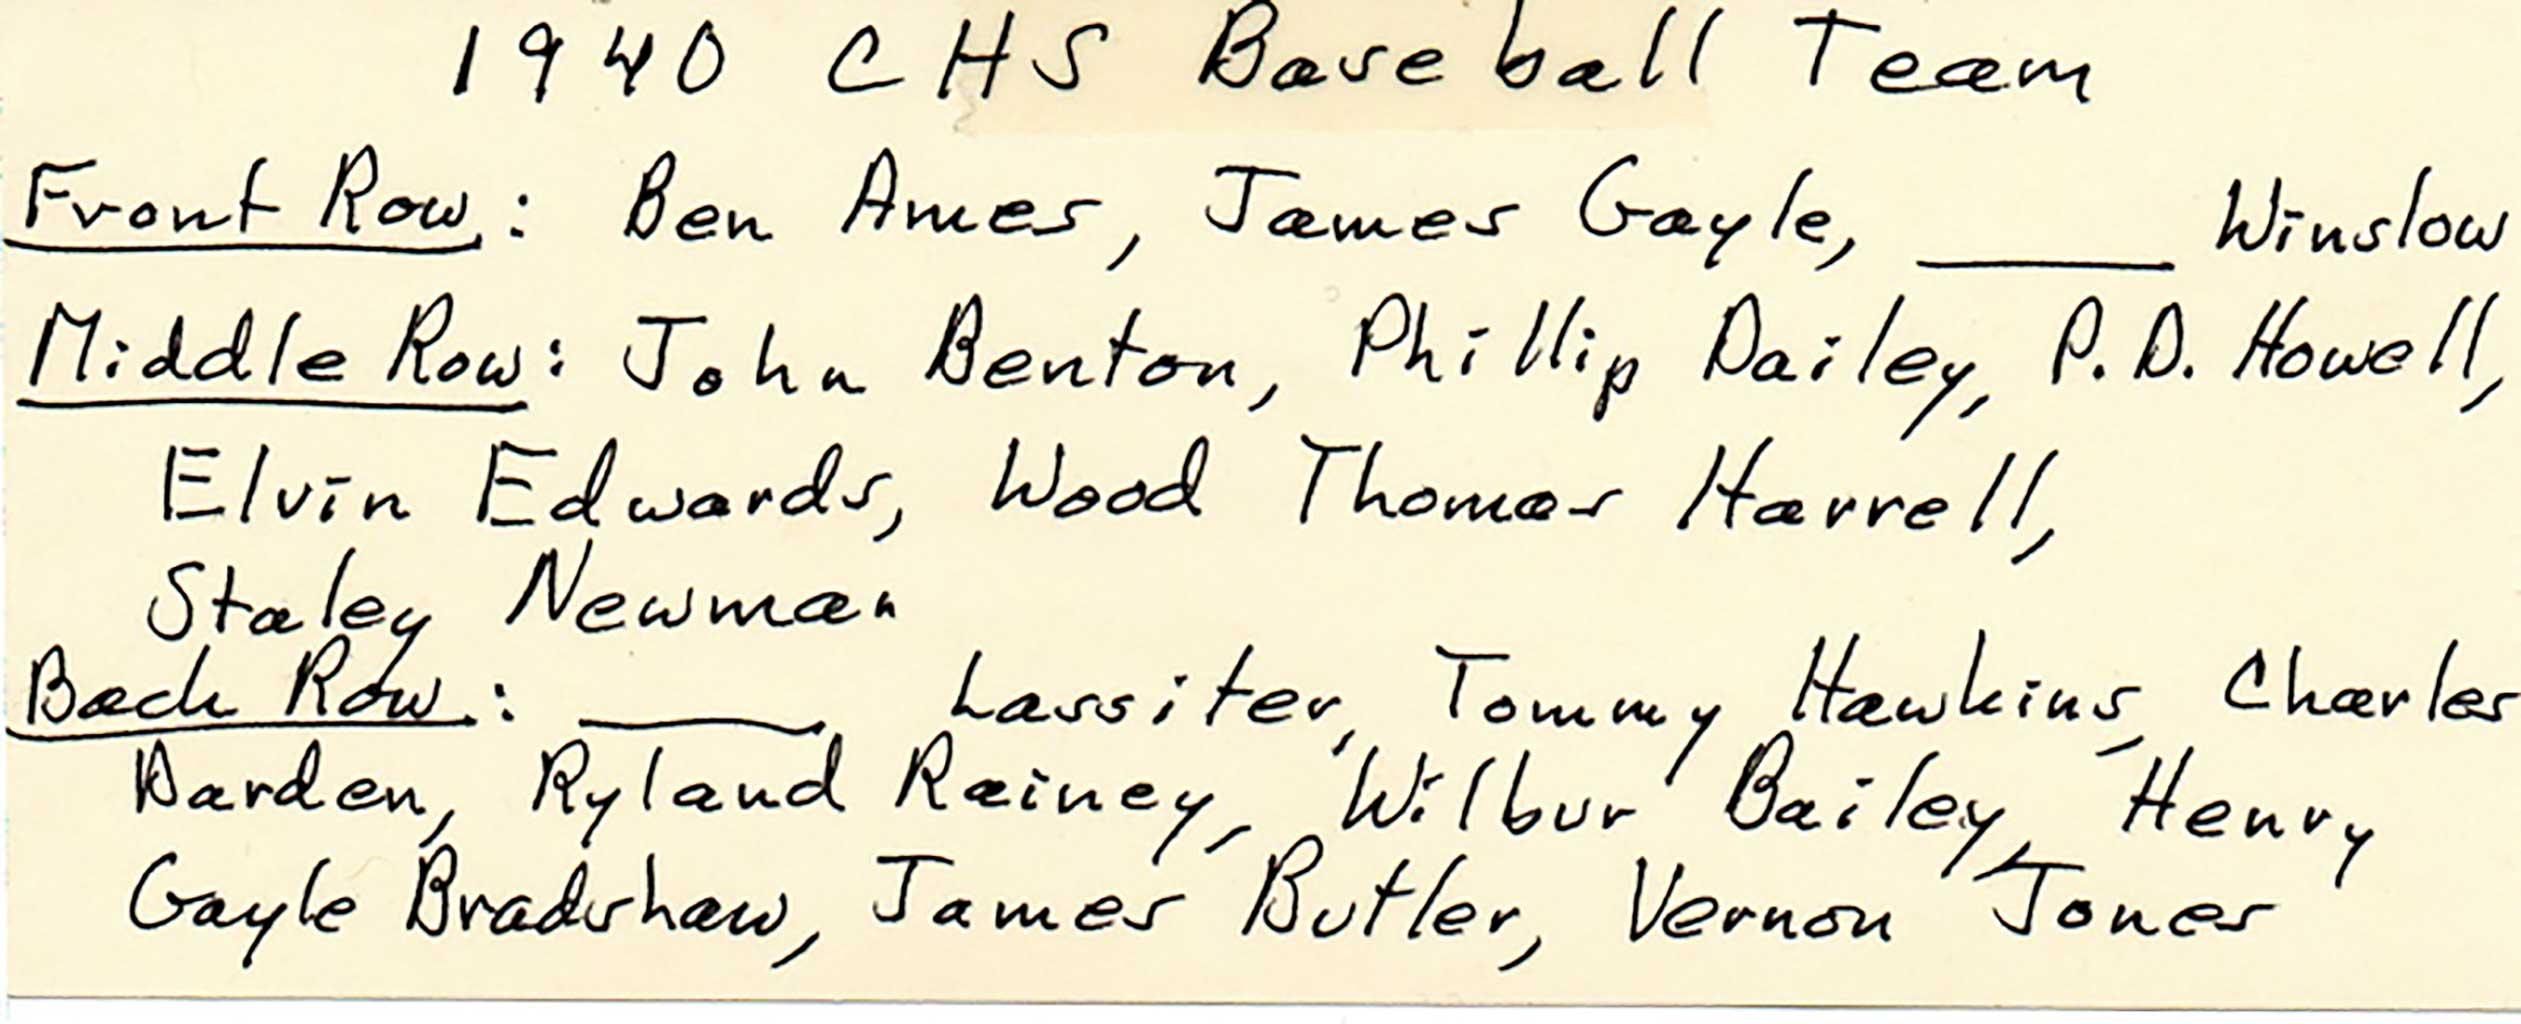 Baseball Teams Names List list-of-names-for-img-016-